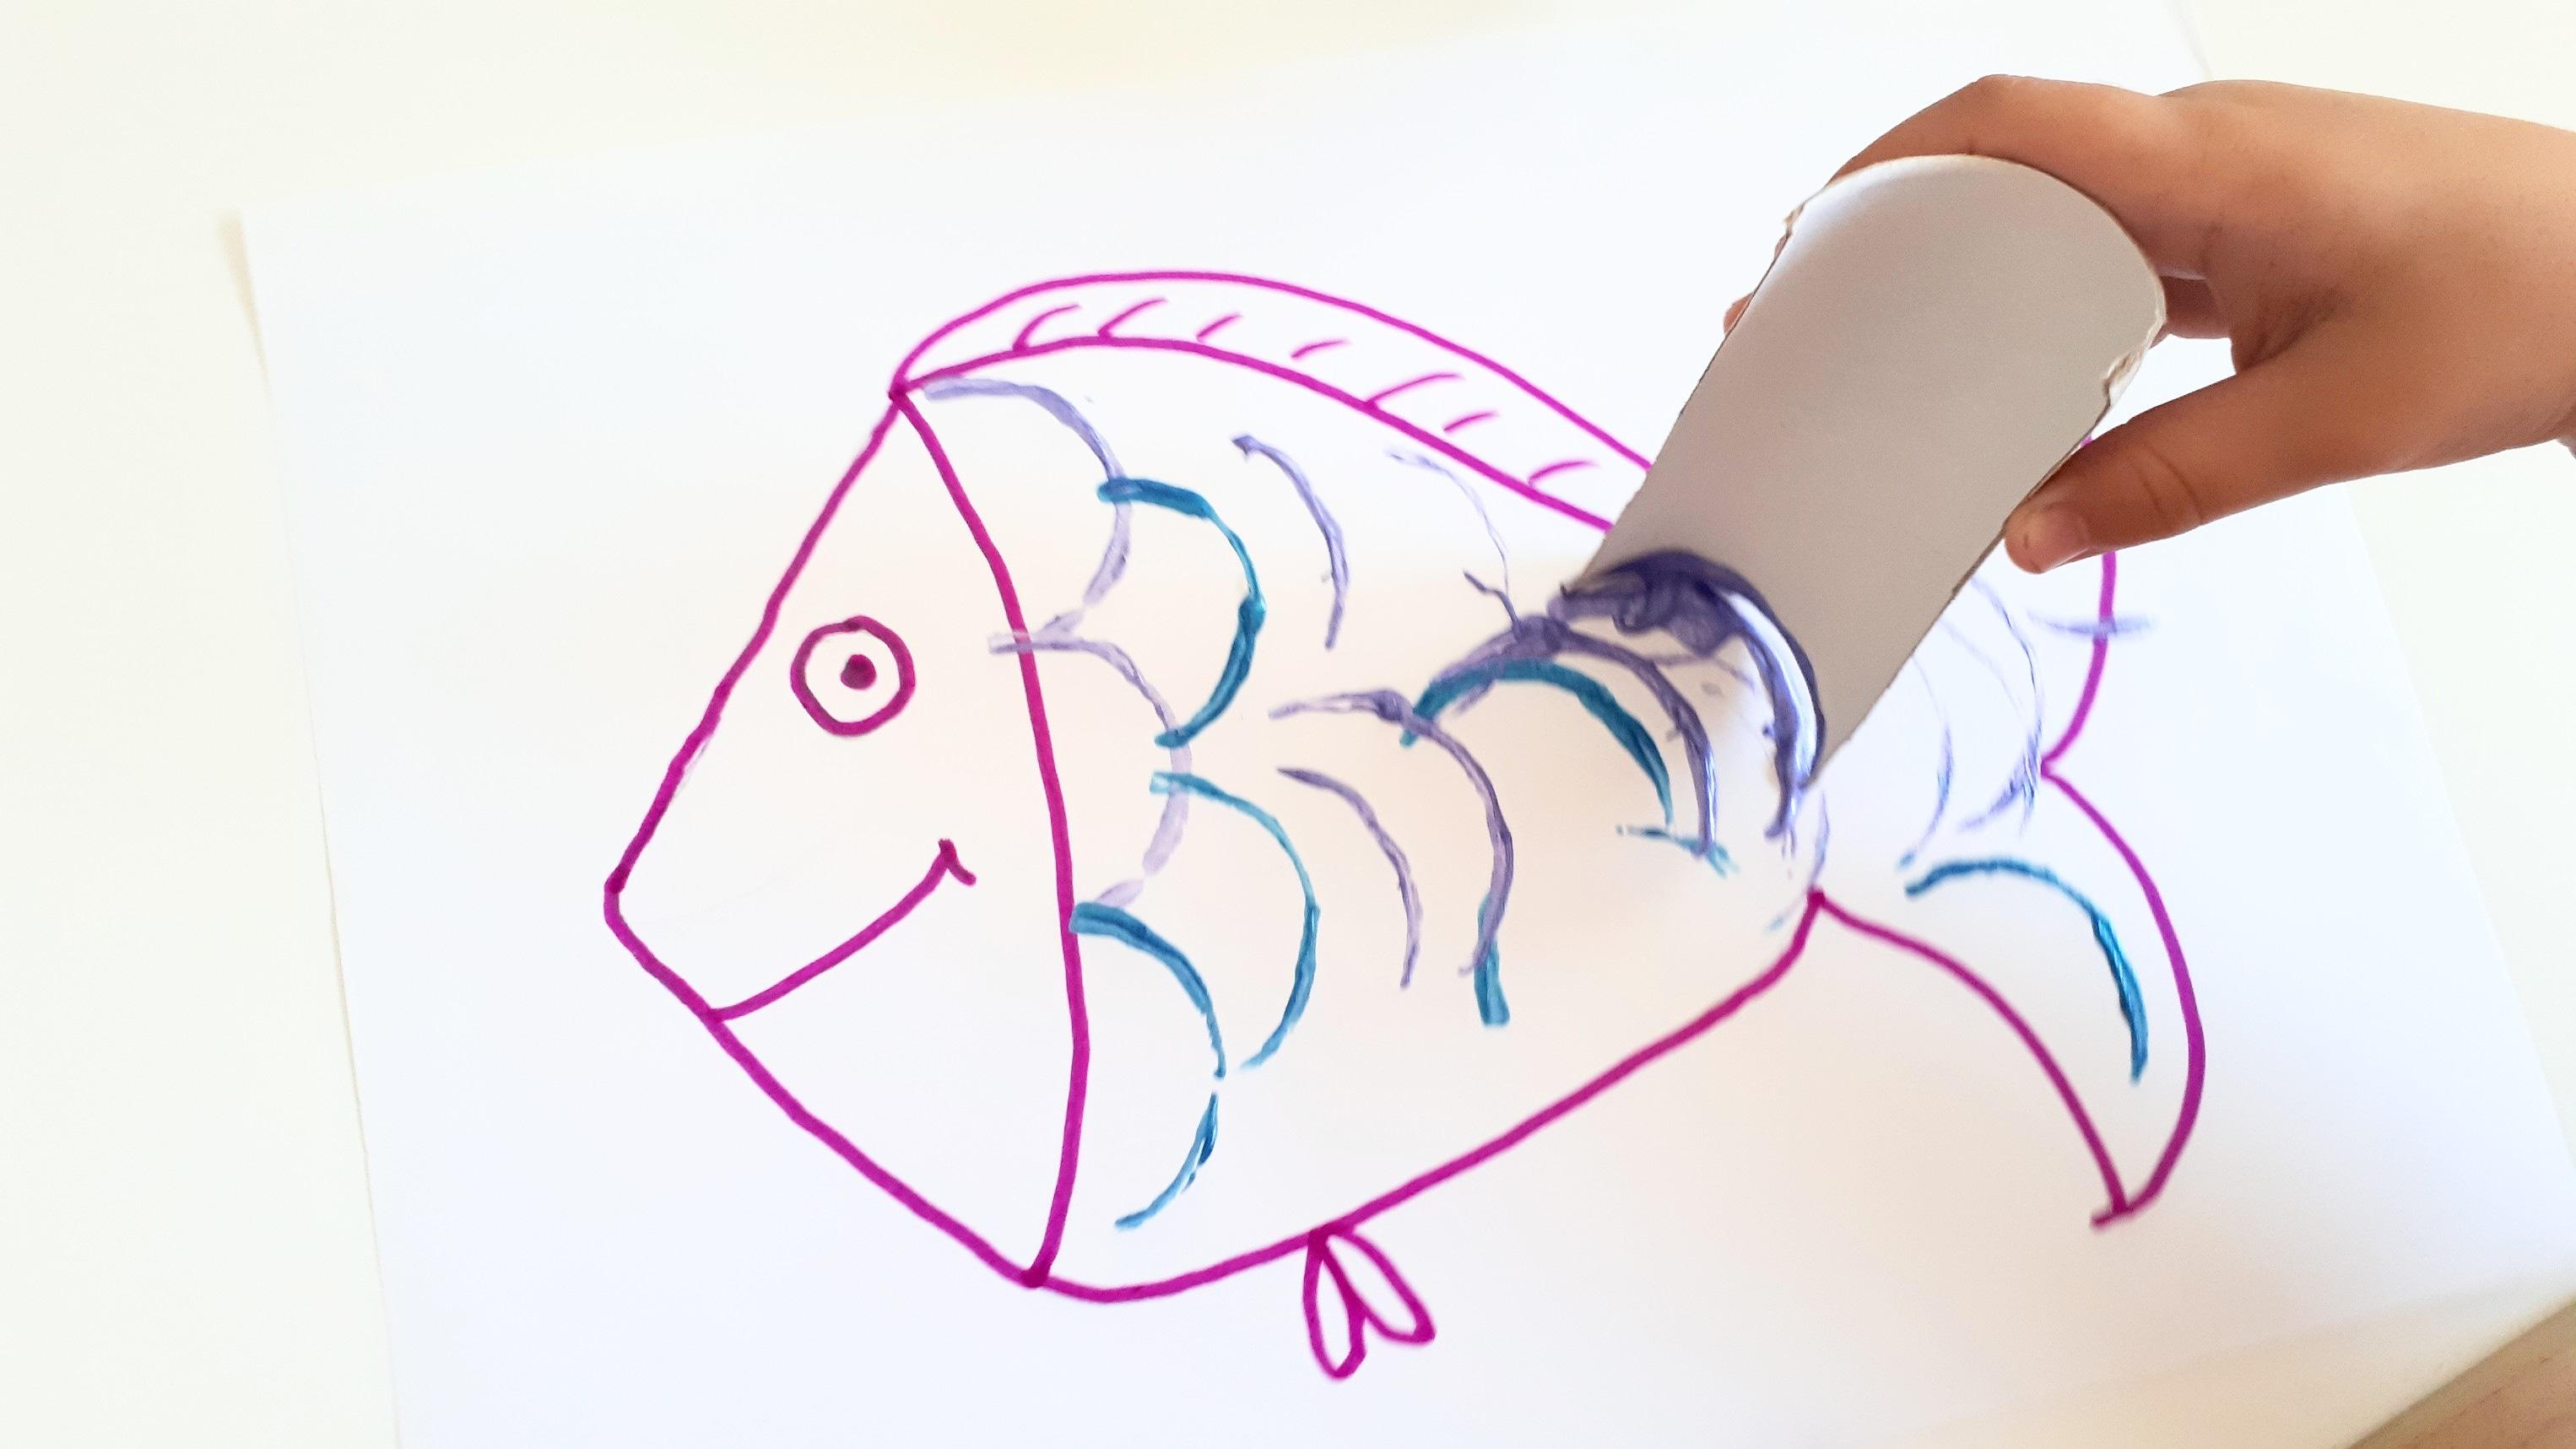 manualidades con rollos de papel para niños